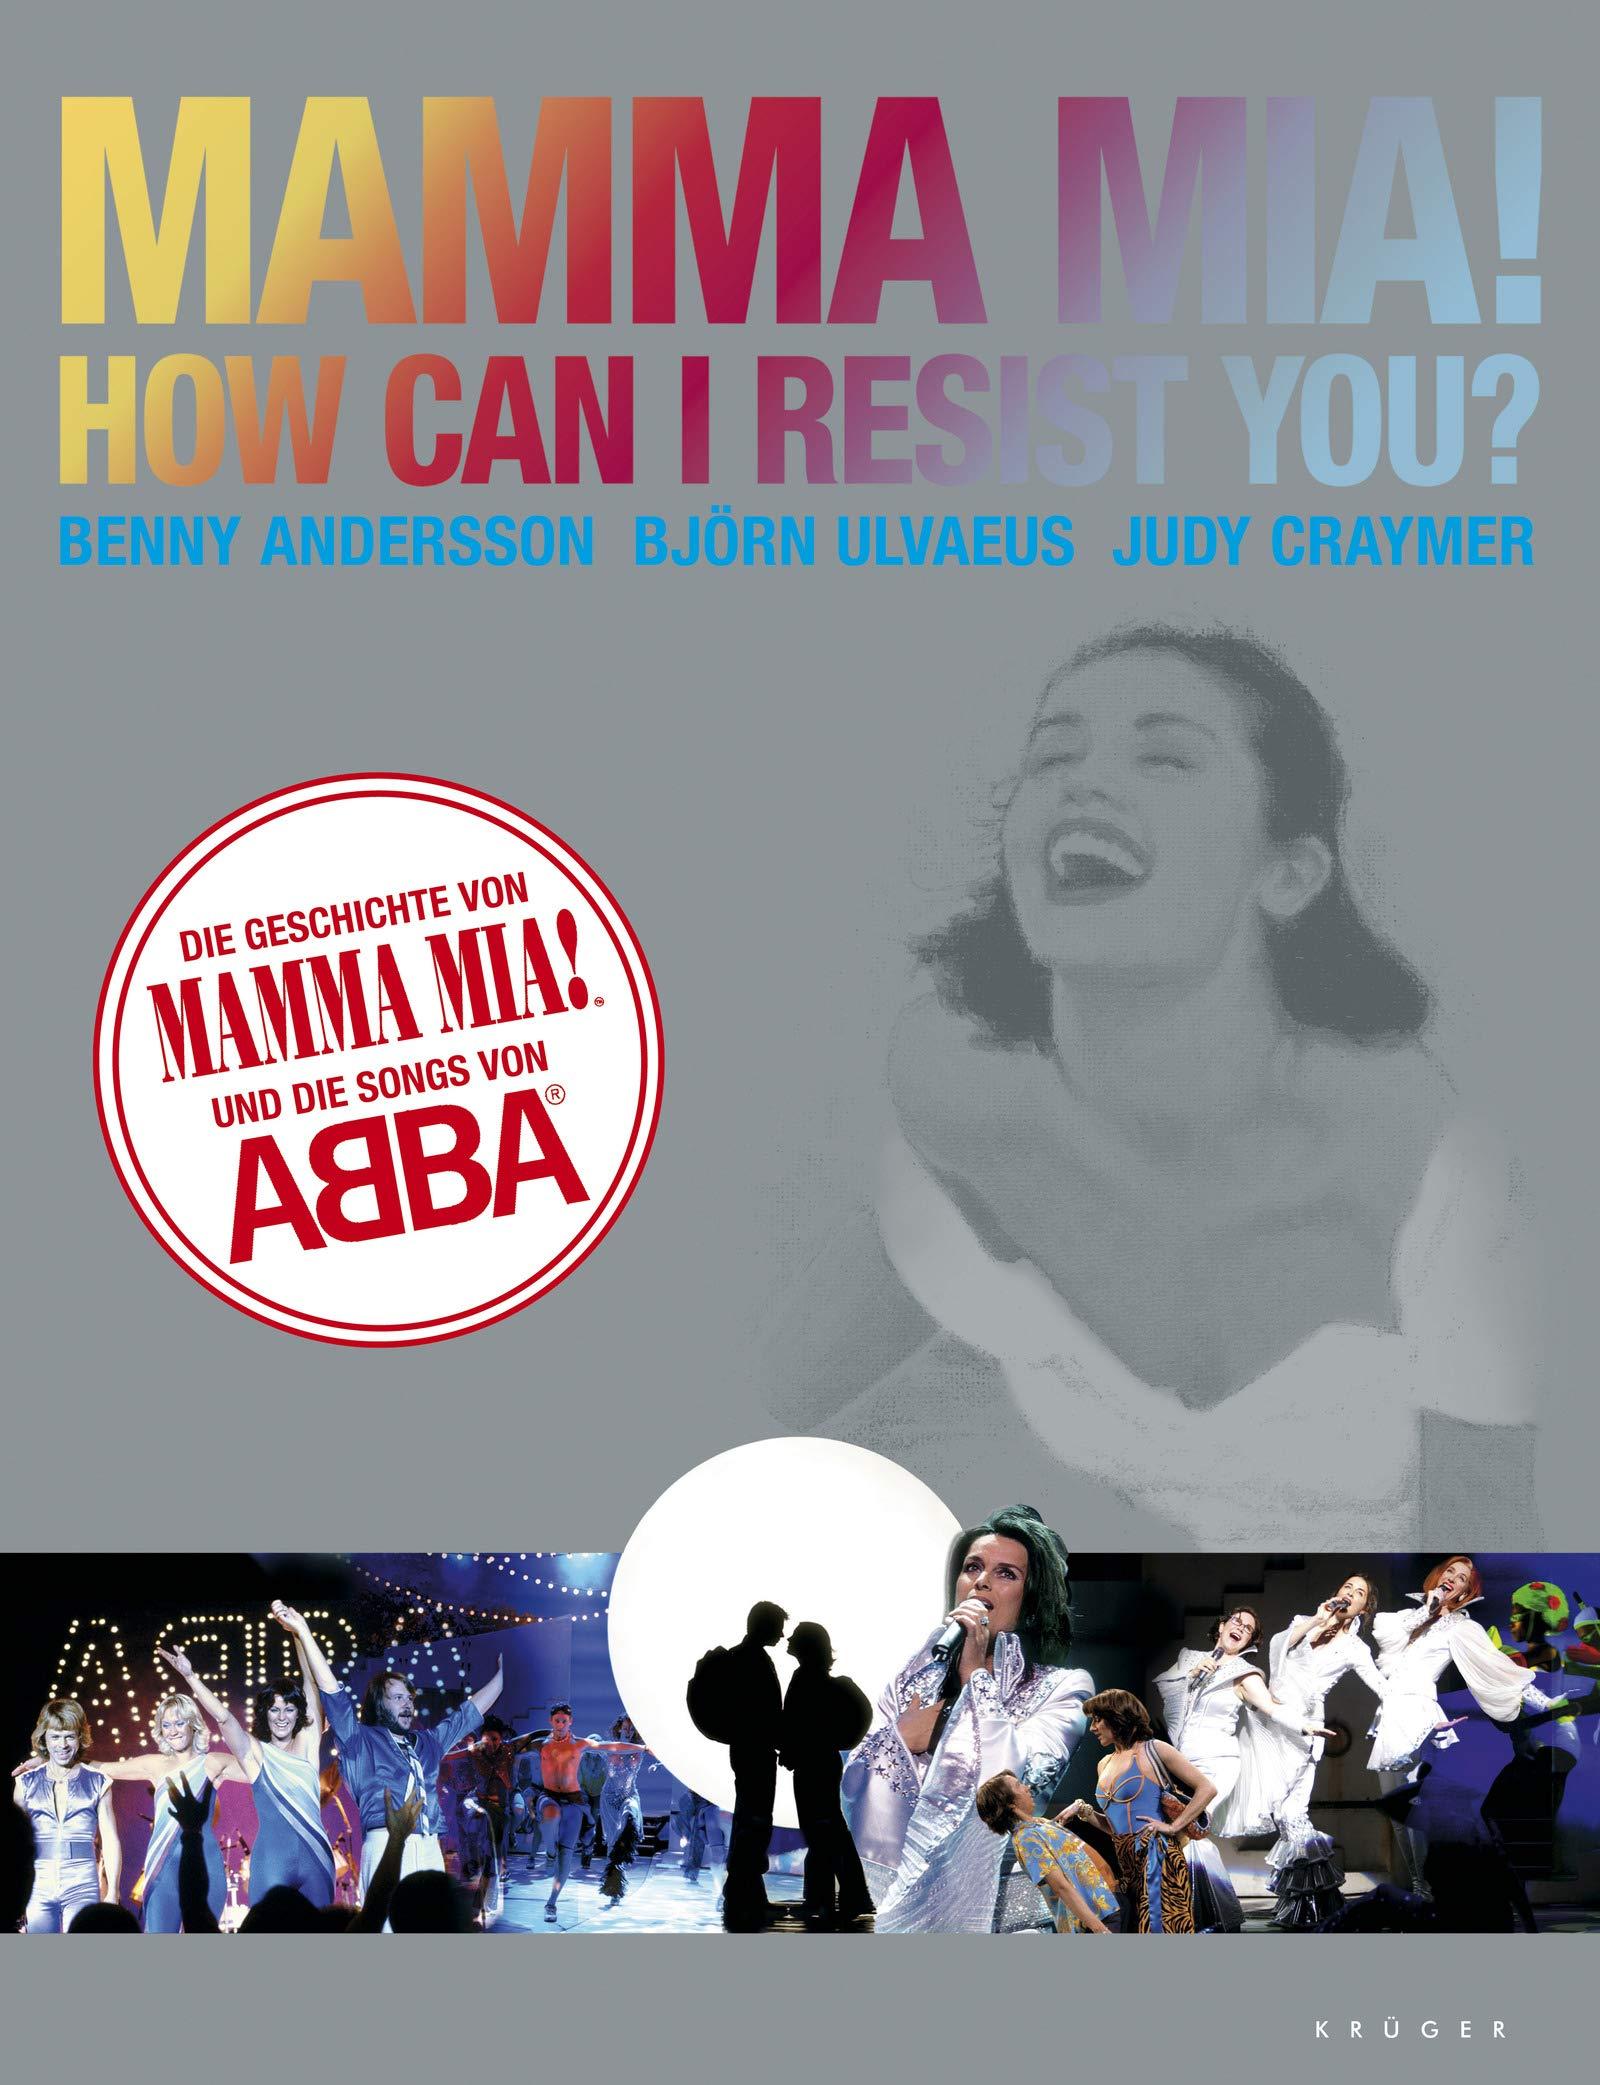 402b6cee042ca5 Mamma Mia! How can I resist you  Die Geschichte von Mamma Mia! und die  Songs von Abba  Amazon.de  Benny Andersson